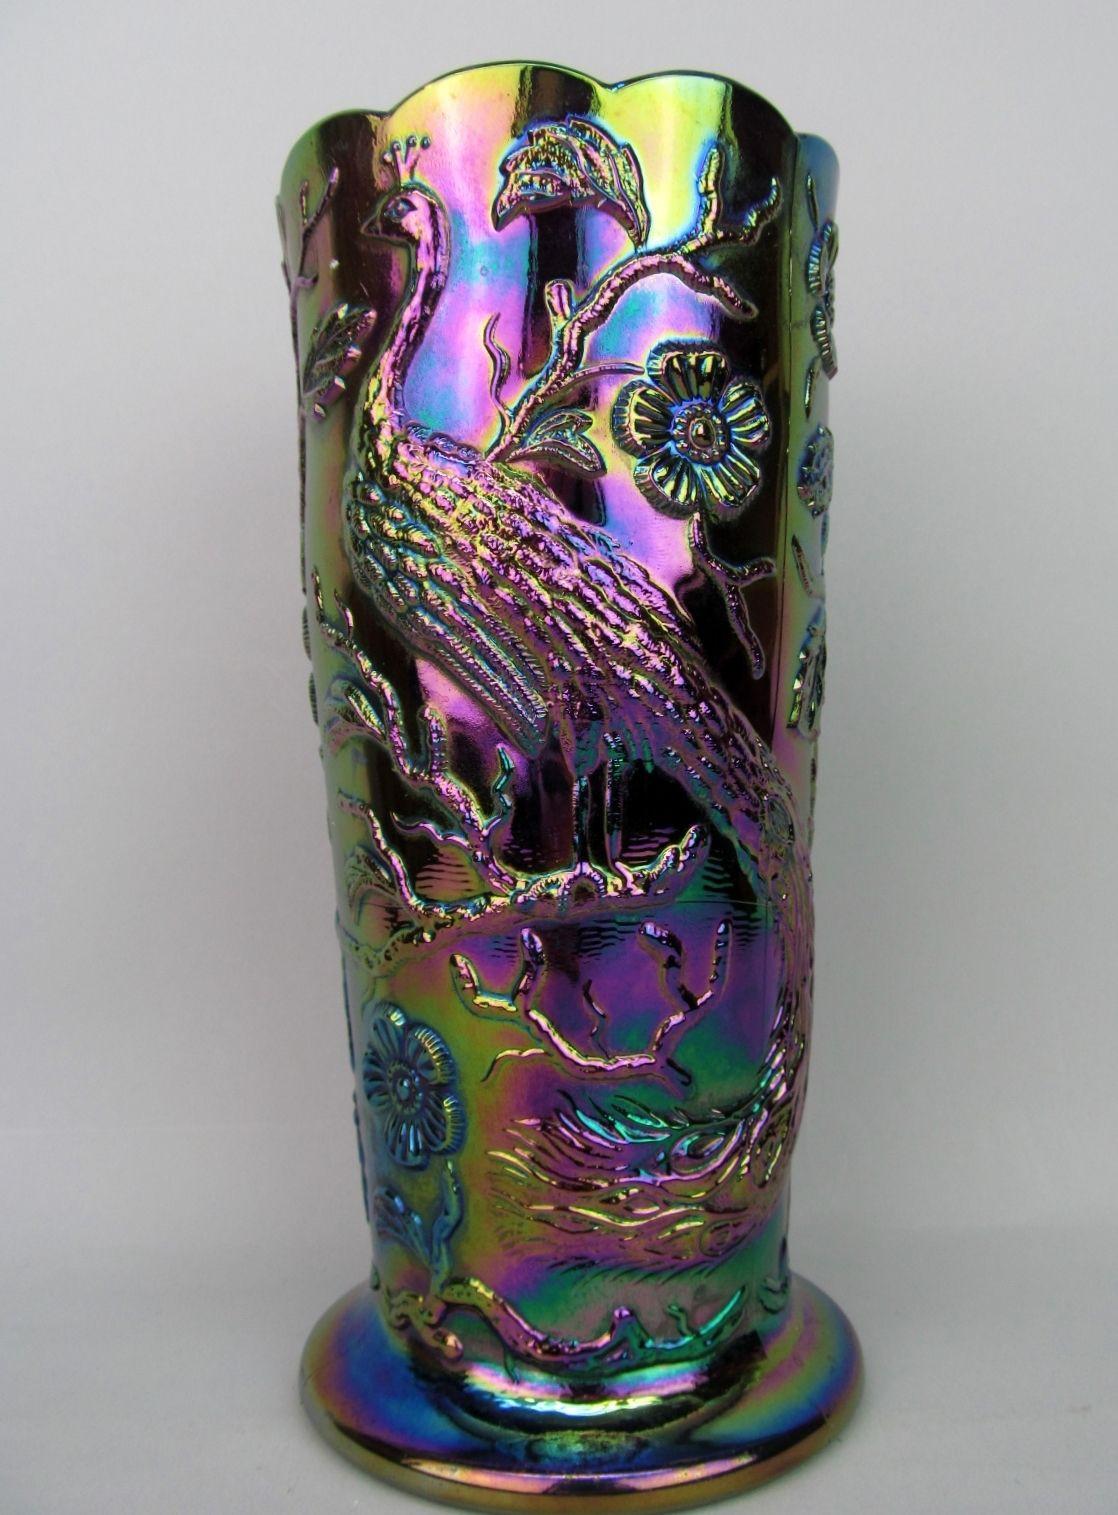 carnival glass vase of fentons peacock garden on a black amethyst carnival glass vase throughout fentons peacock garden on a black amethyst carnival glass vase